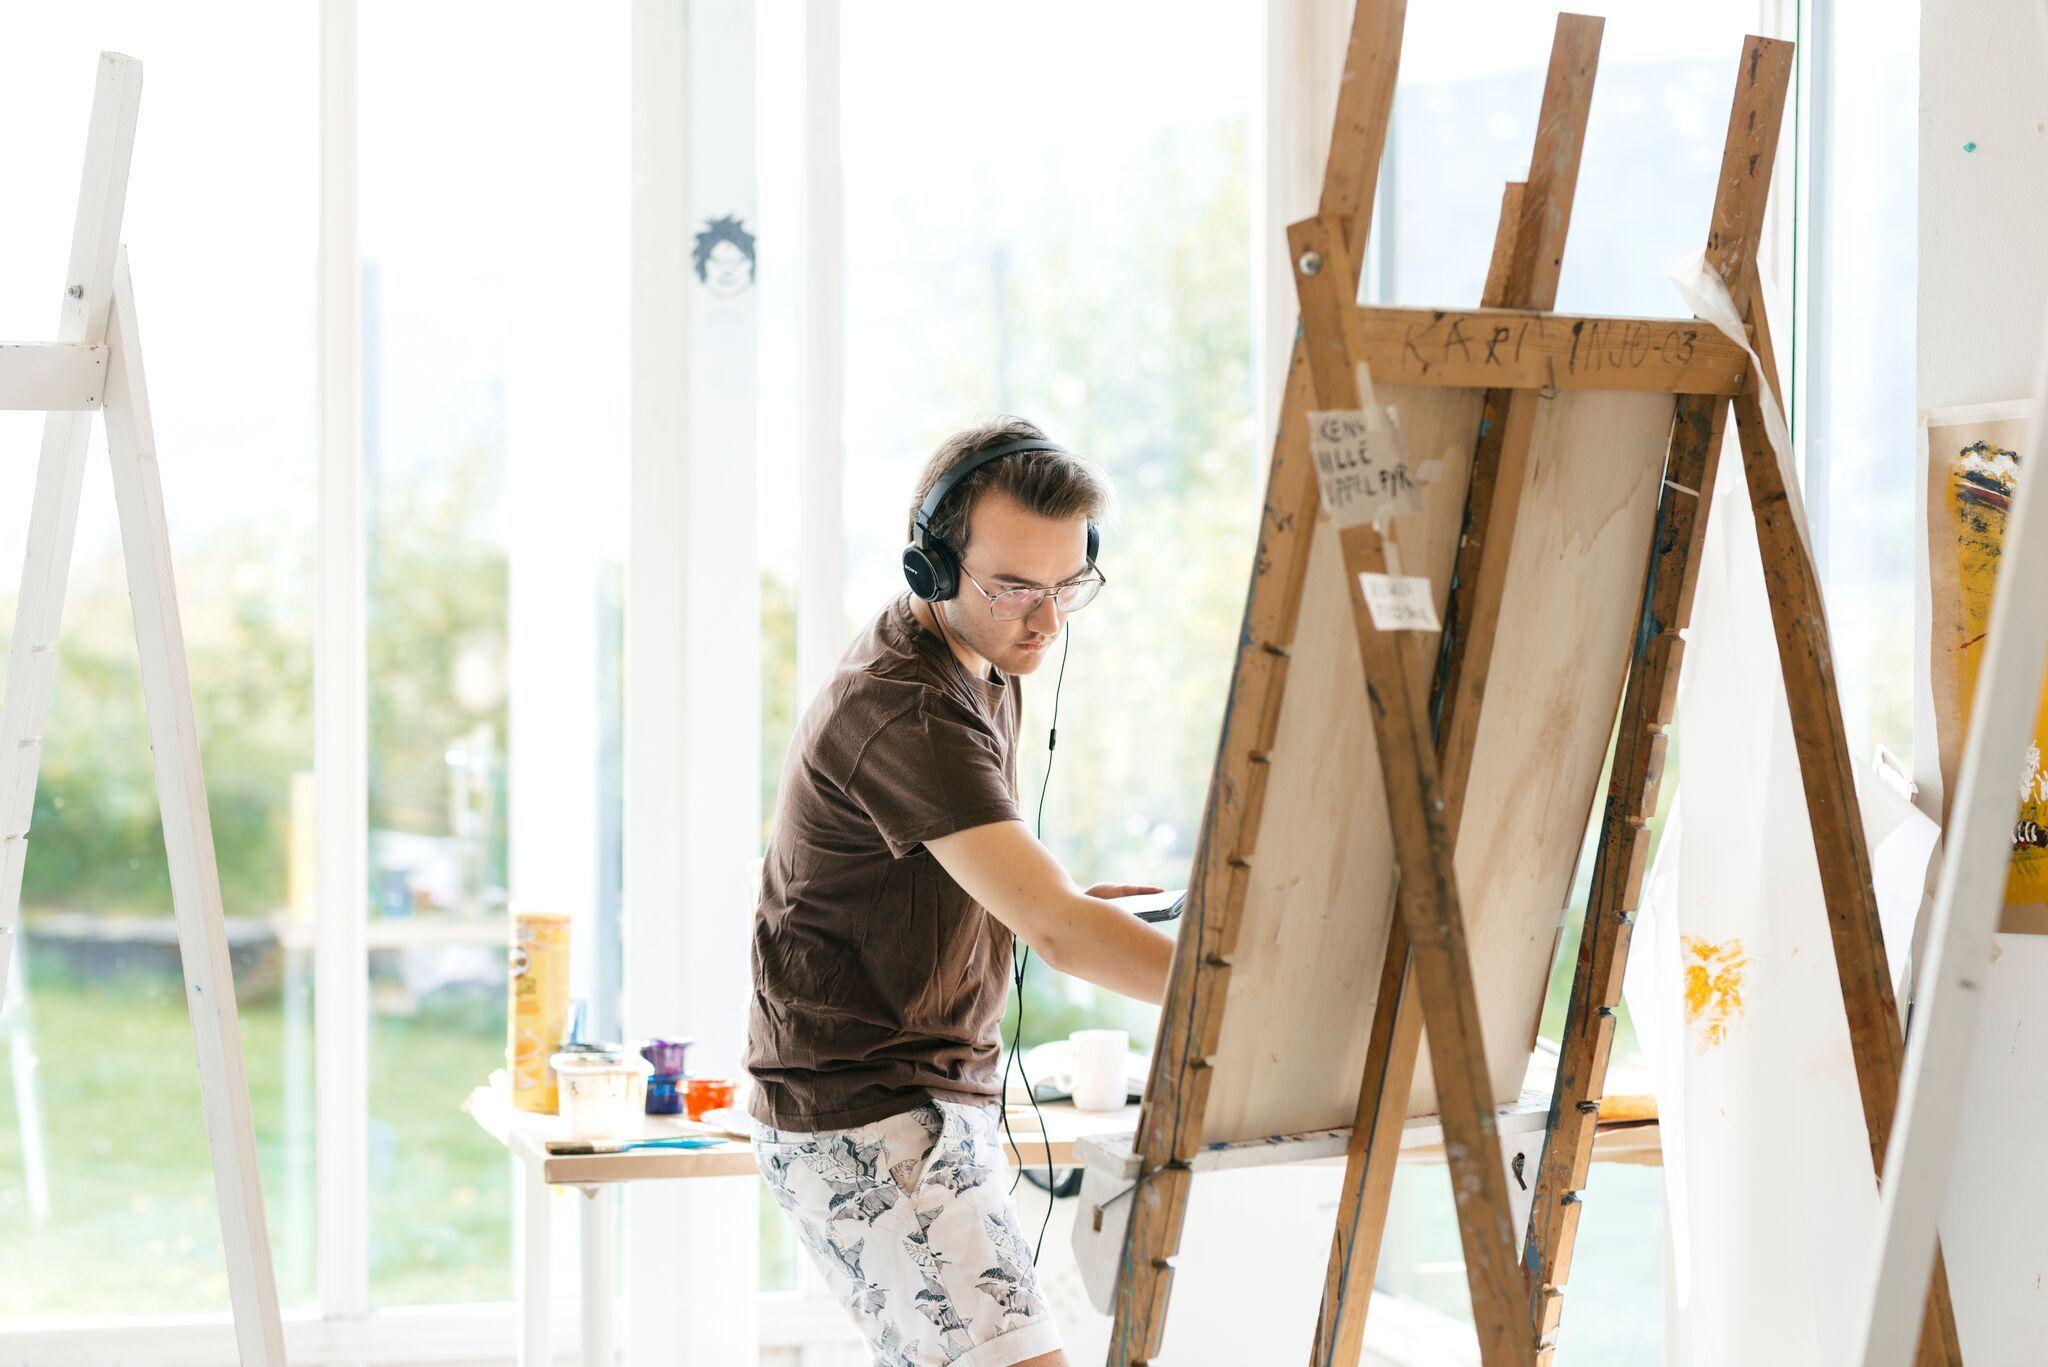 Visuell-kunst-Nansenskolen